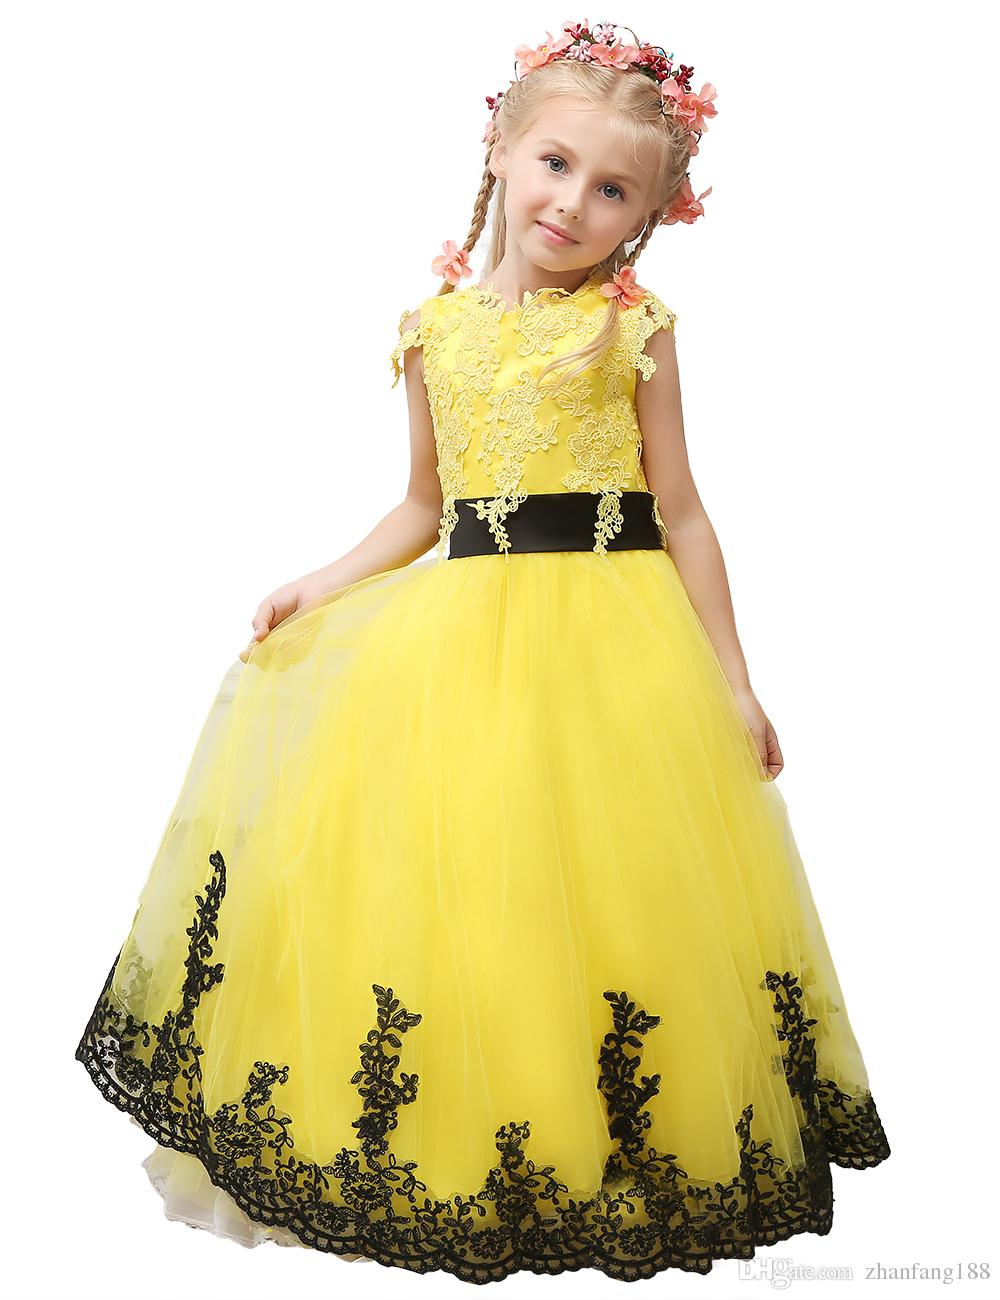 2019 Pageant Elbise Küçük Prenses Glitz Balo Dantel Sarı Balo Siyah Kanat Ile Sevimli Çiçek Kız Elbise